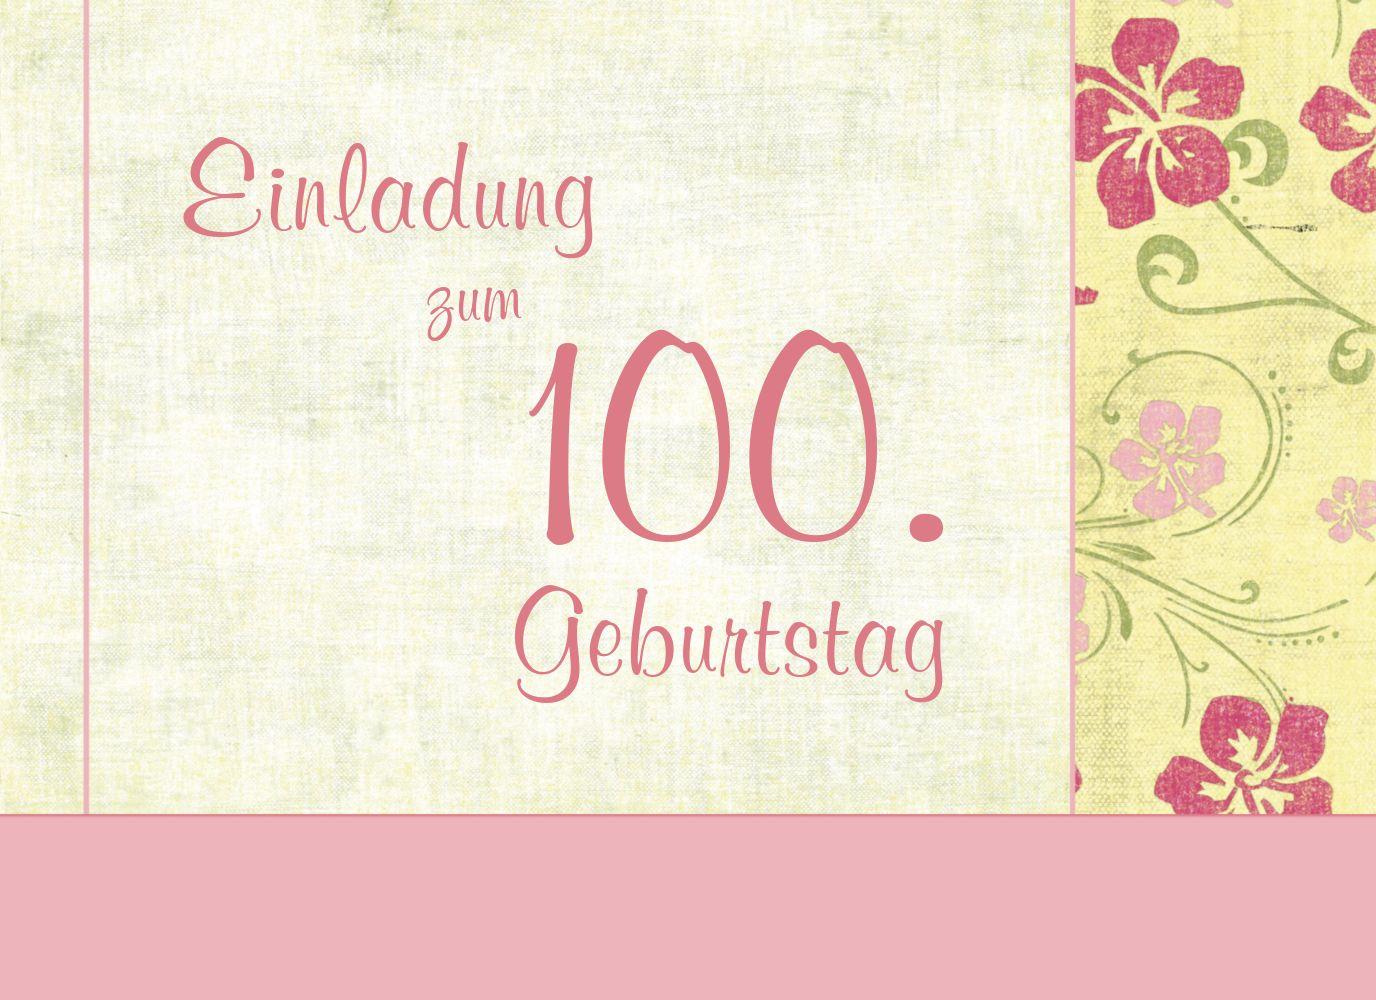 Ansicht 3 - Einladung zum Geburtstag Foto Hibiskus 100